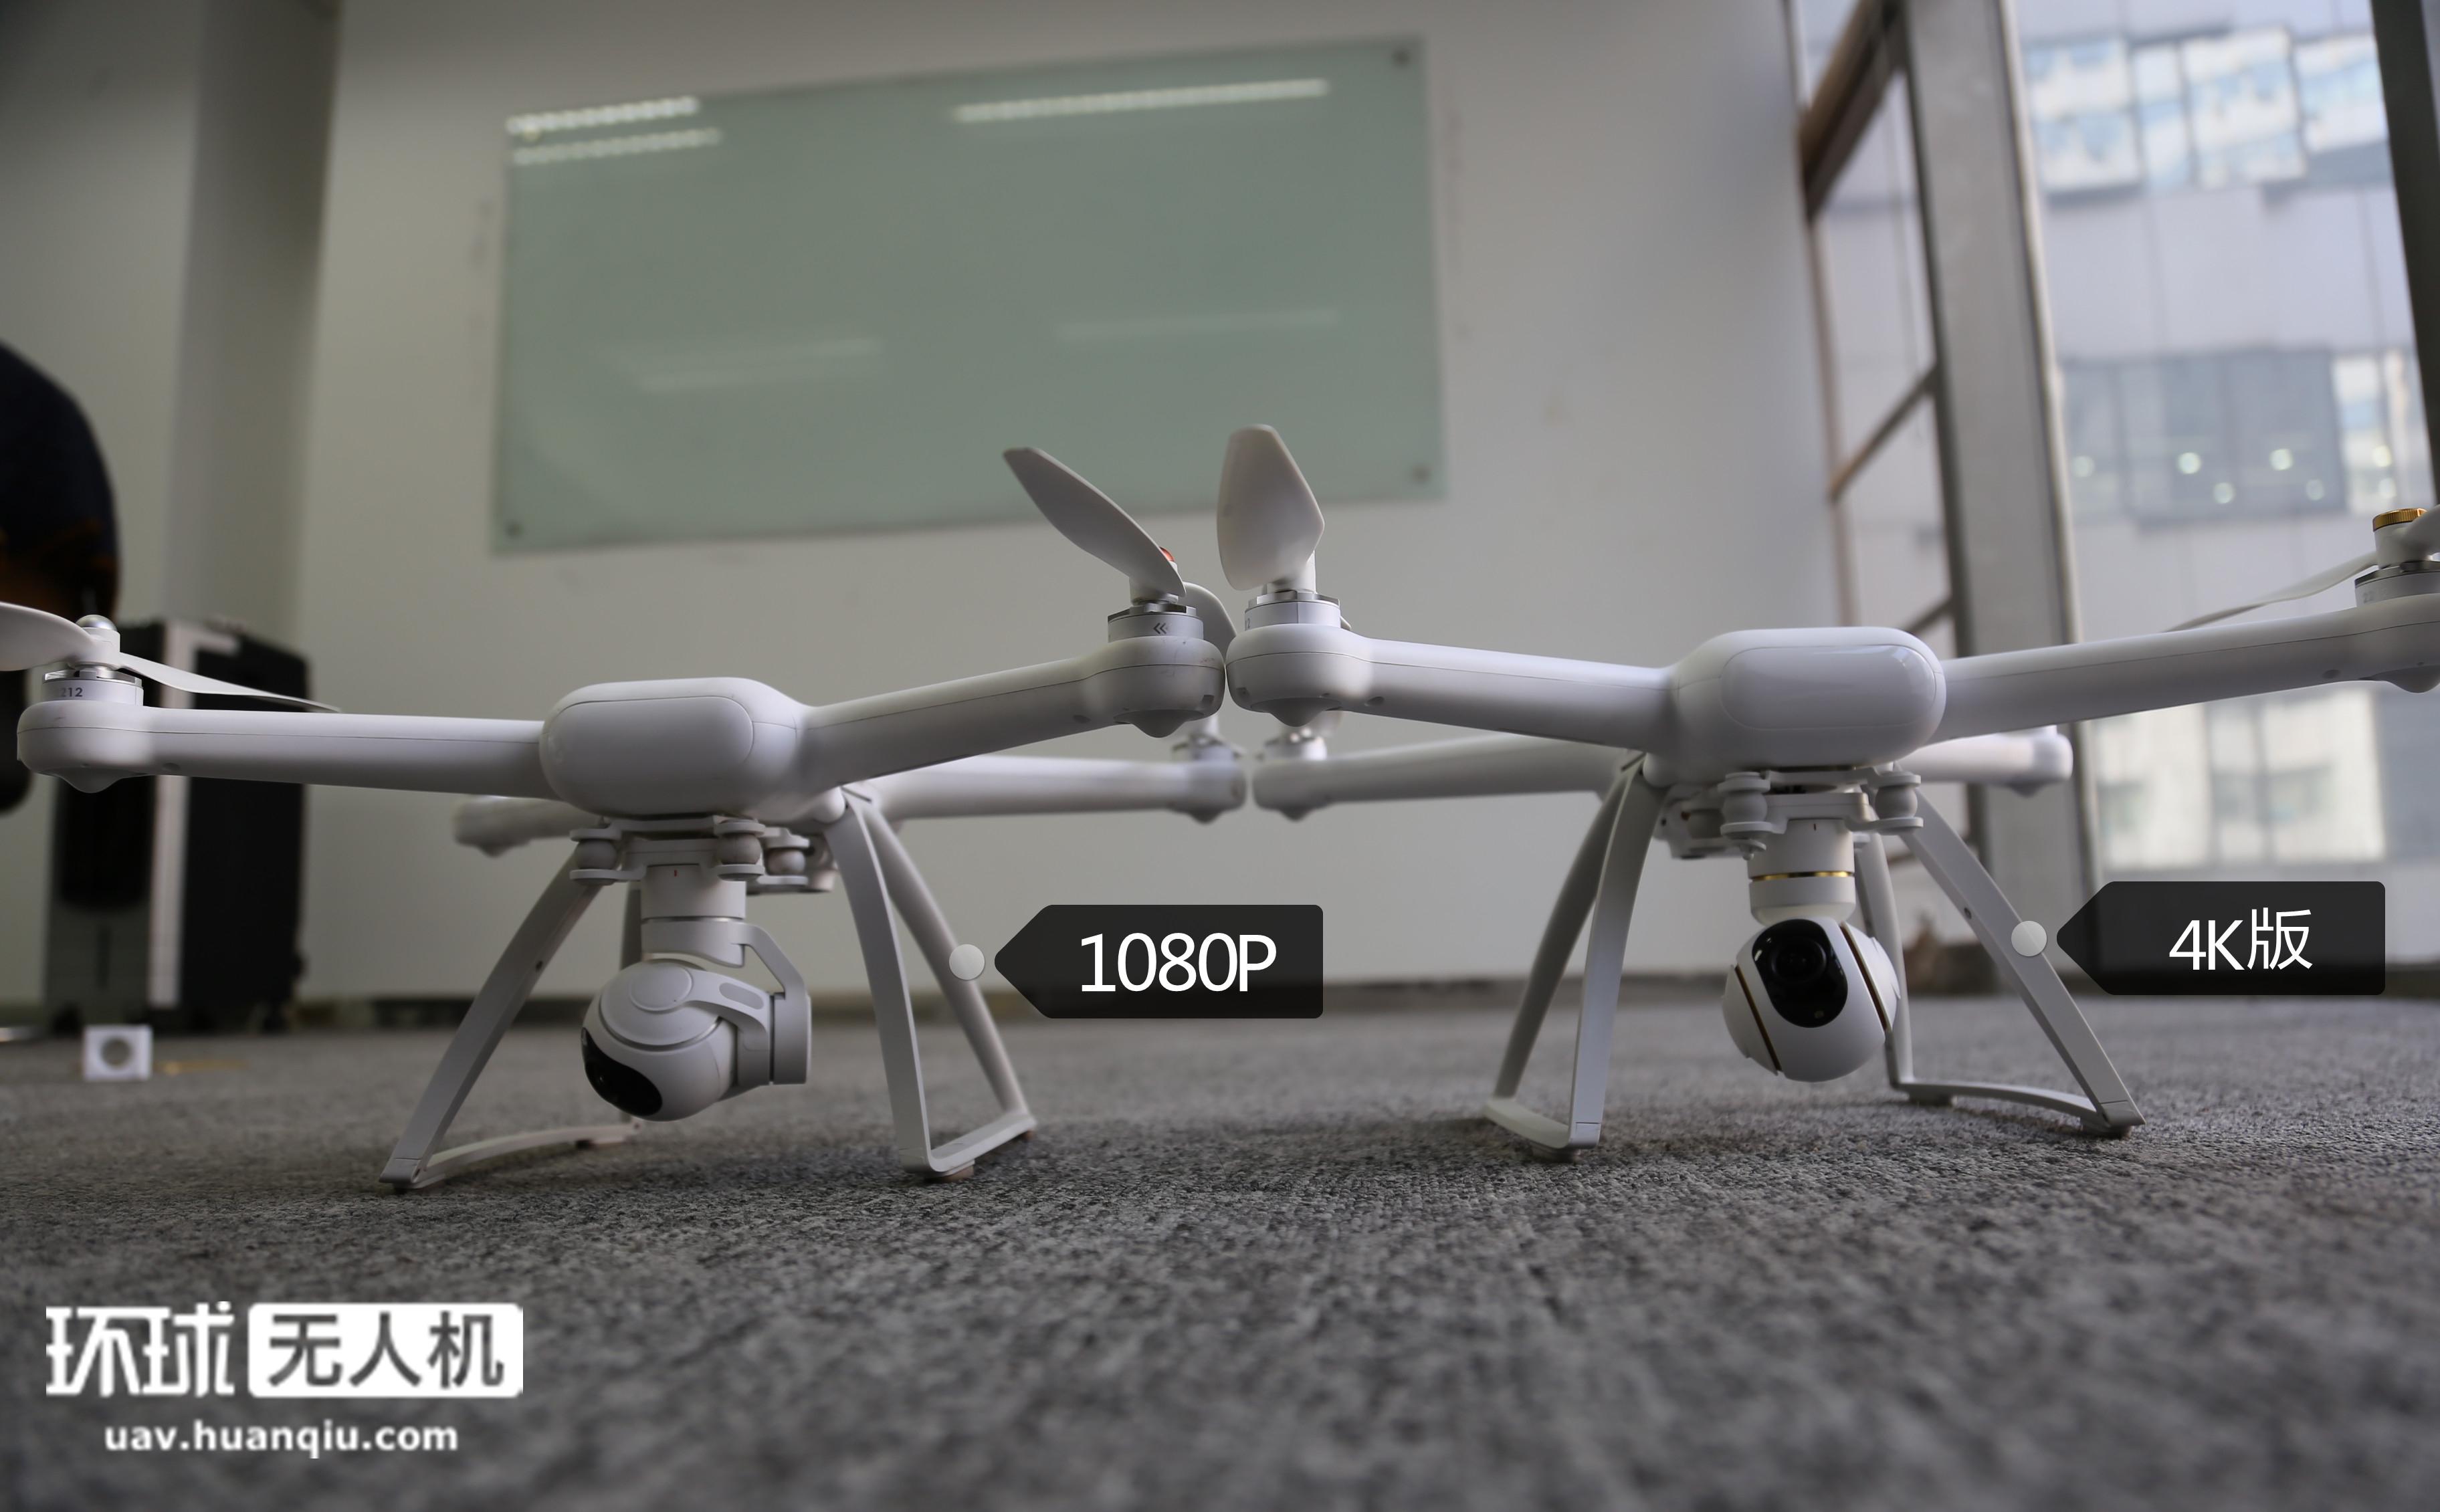 小米无人机4K版开箱与把玩 与1080P版相比都有啥不同?